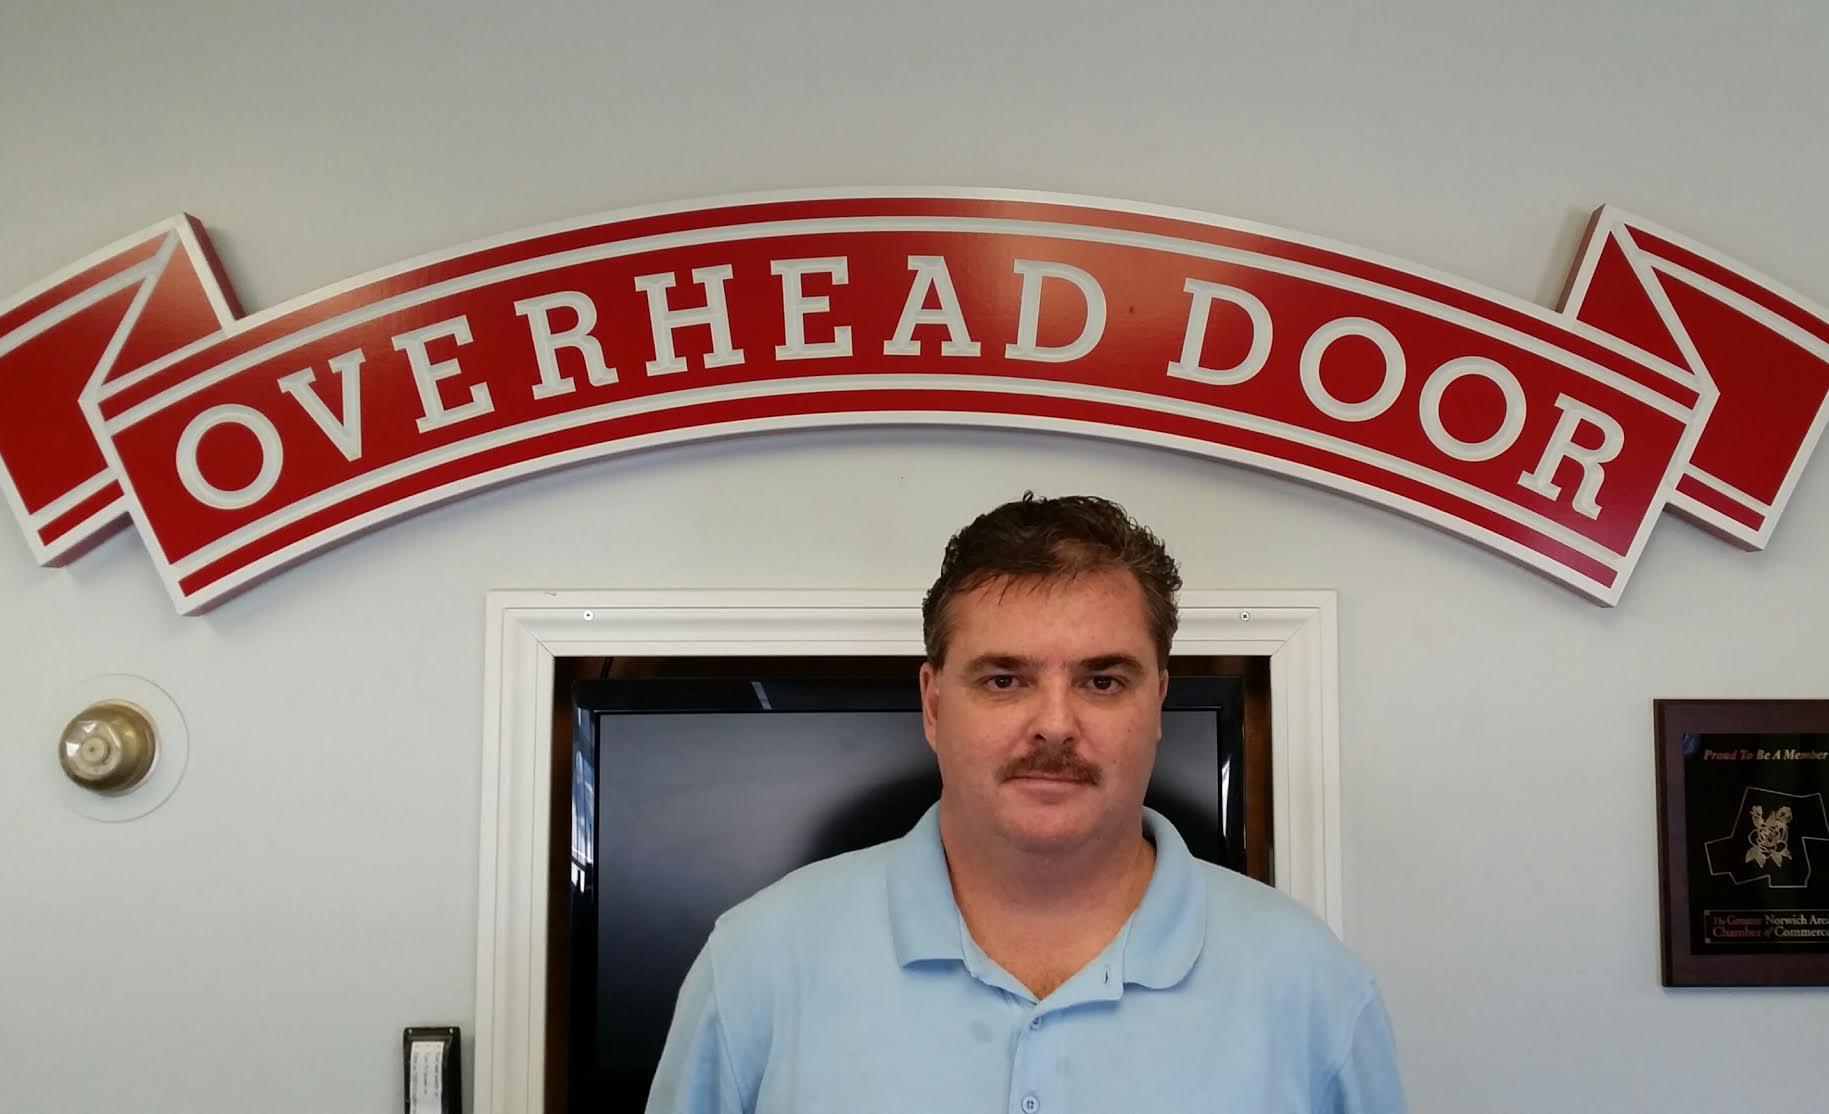 David Lussier Overhead Door